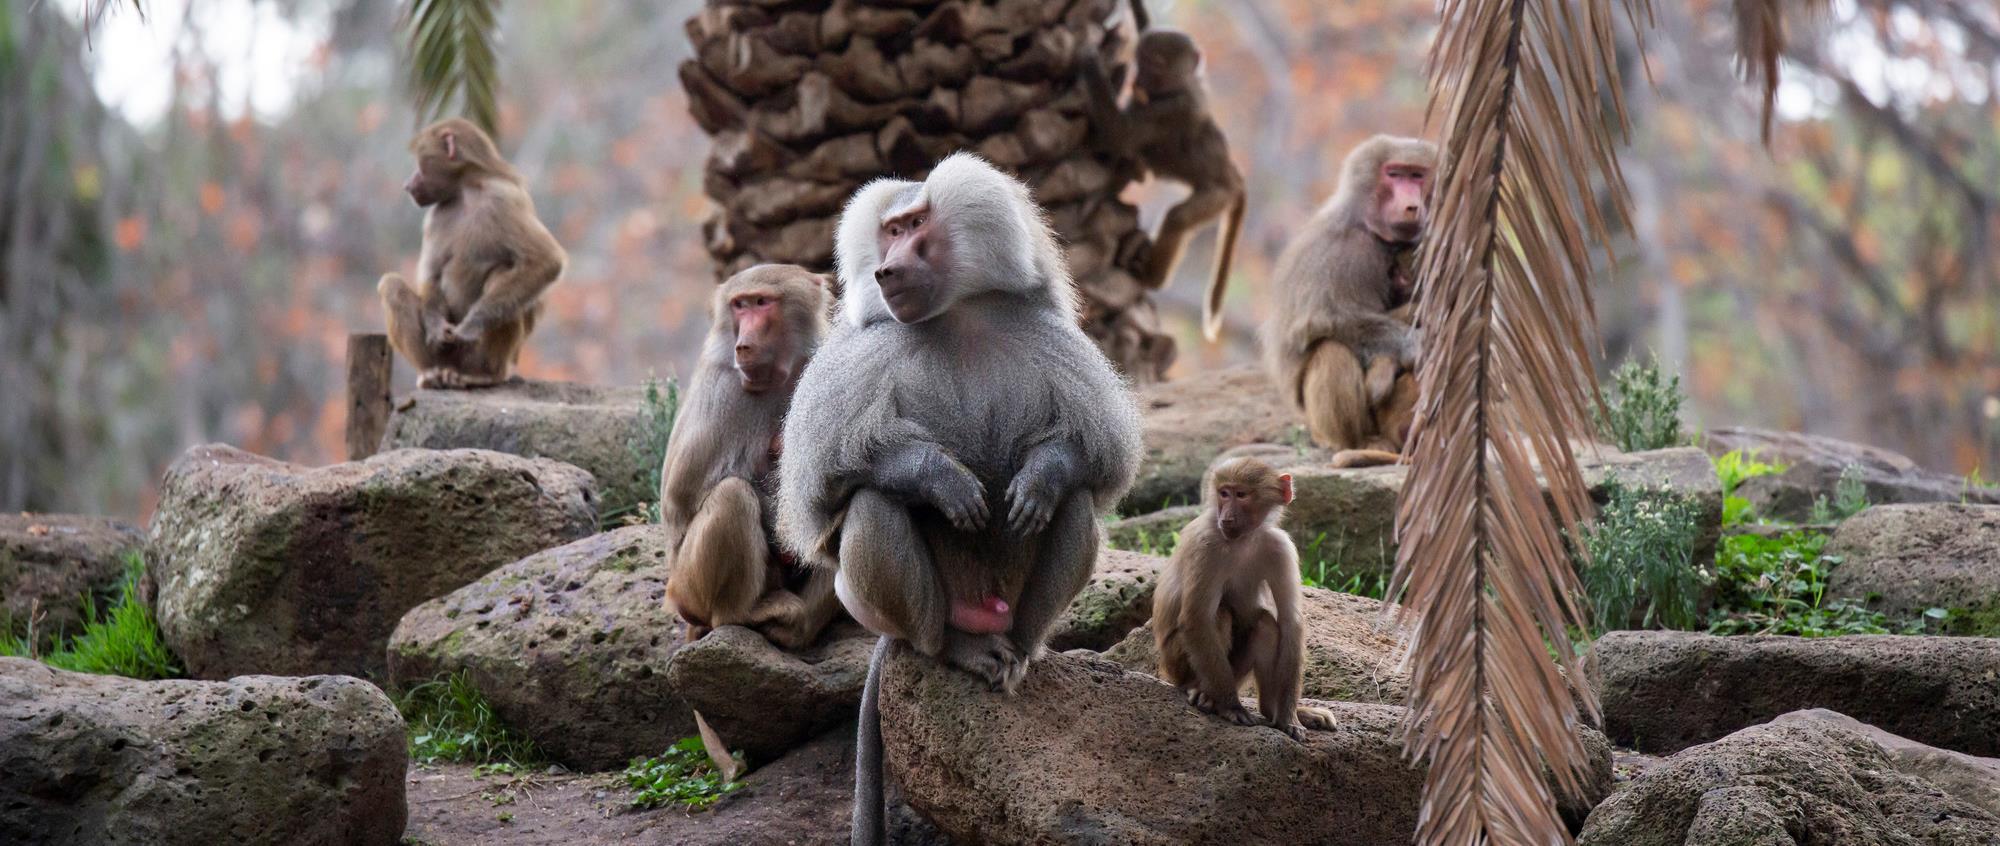 Visit Melbourne Zoo